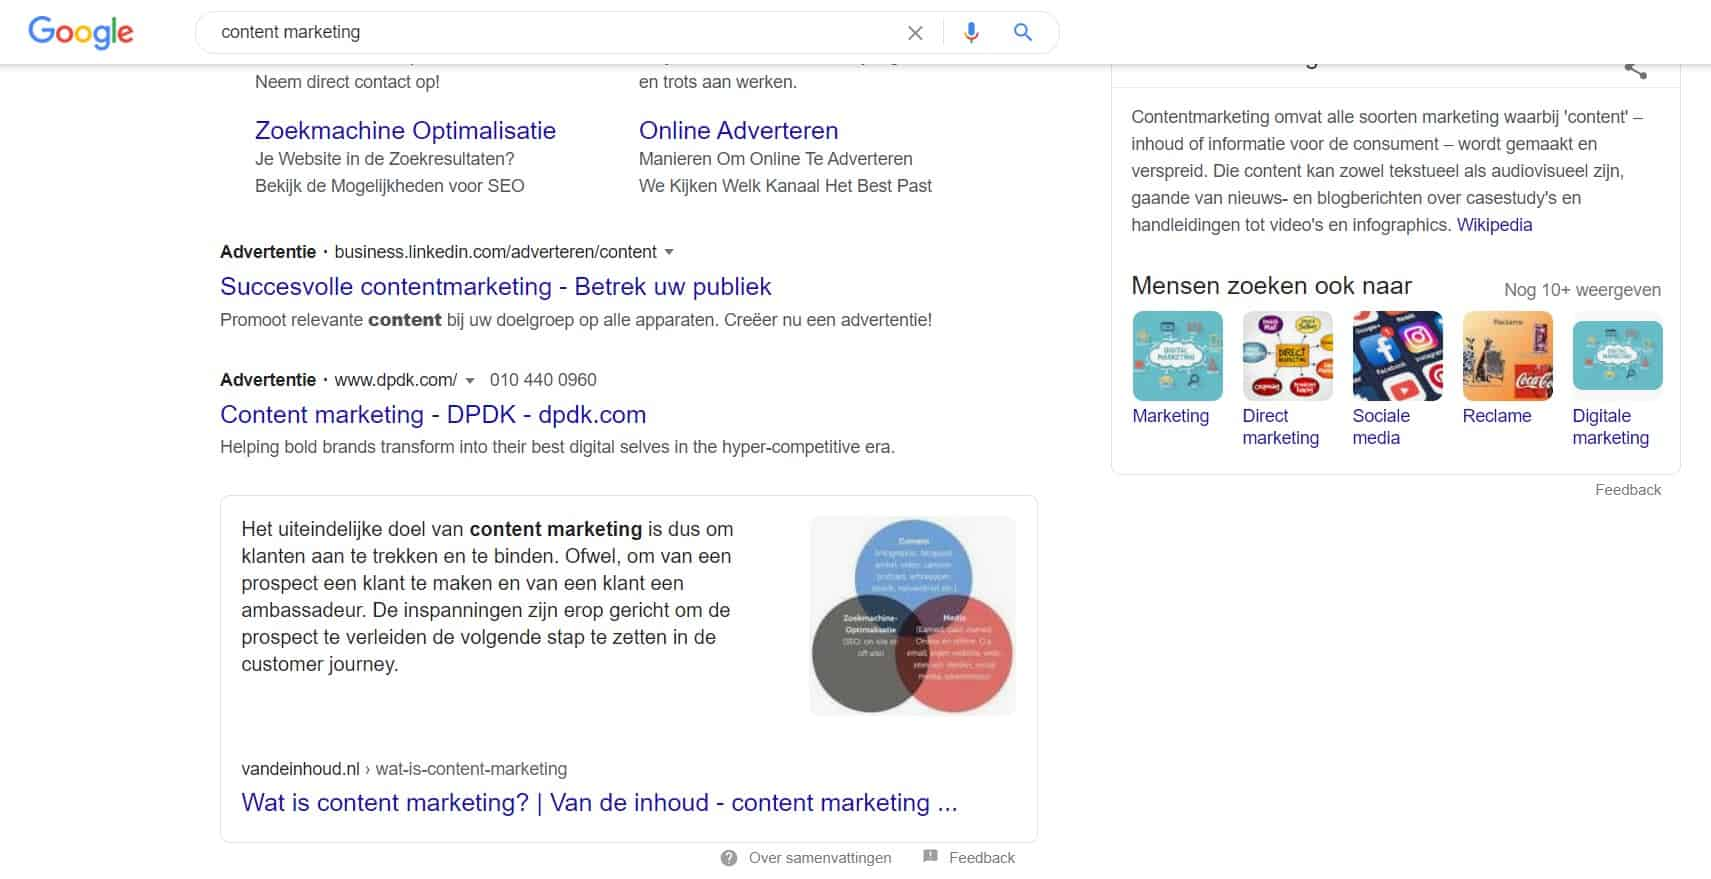 Featured snippet en kenniskaart in Google zoekresultaten bij zoekopdracht 'content marketing'.